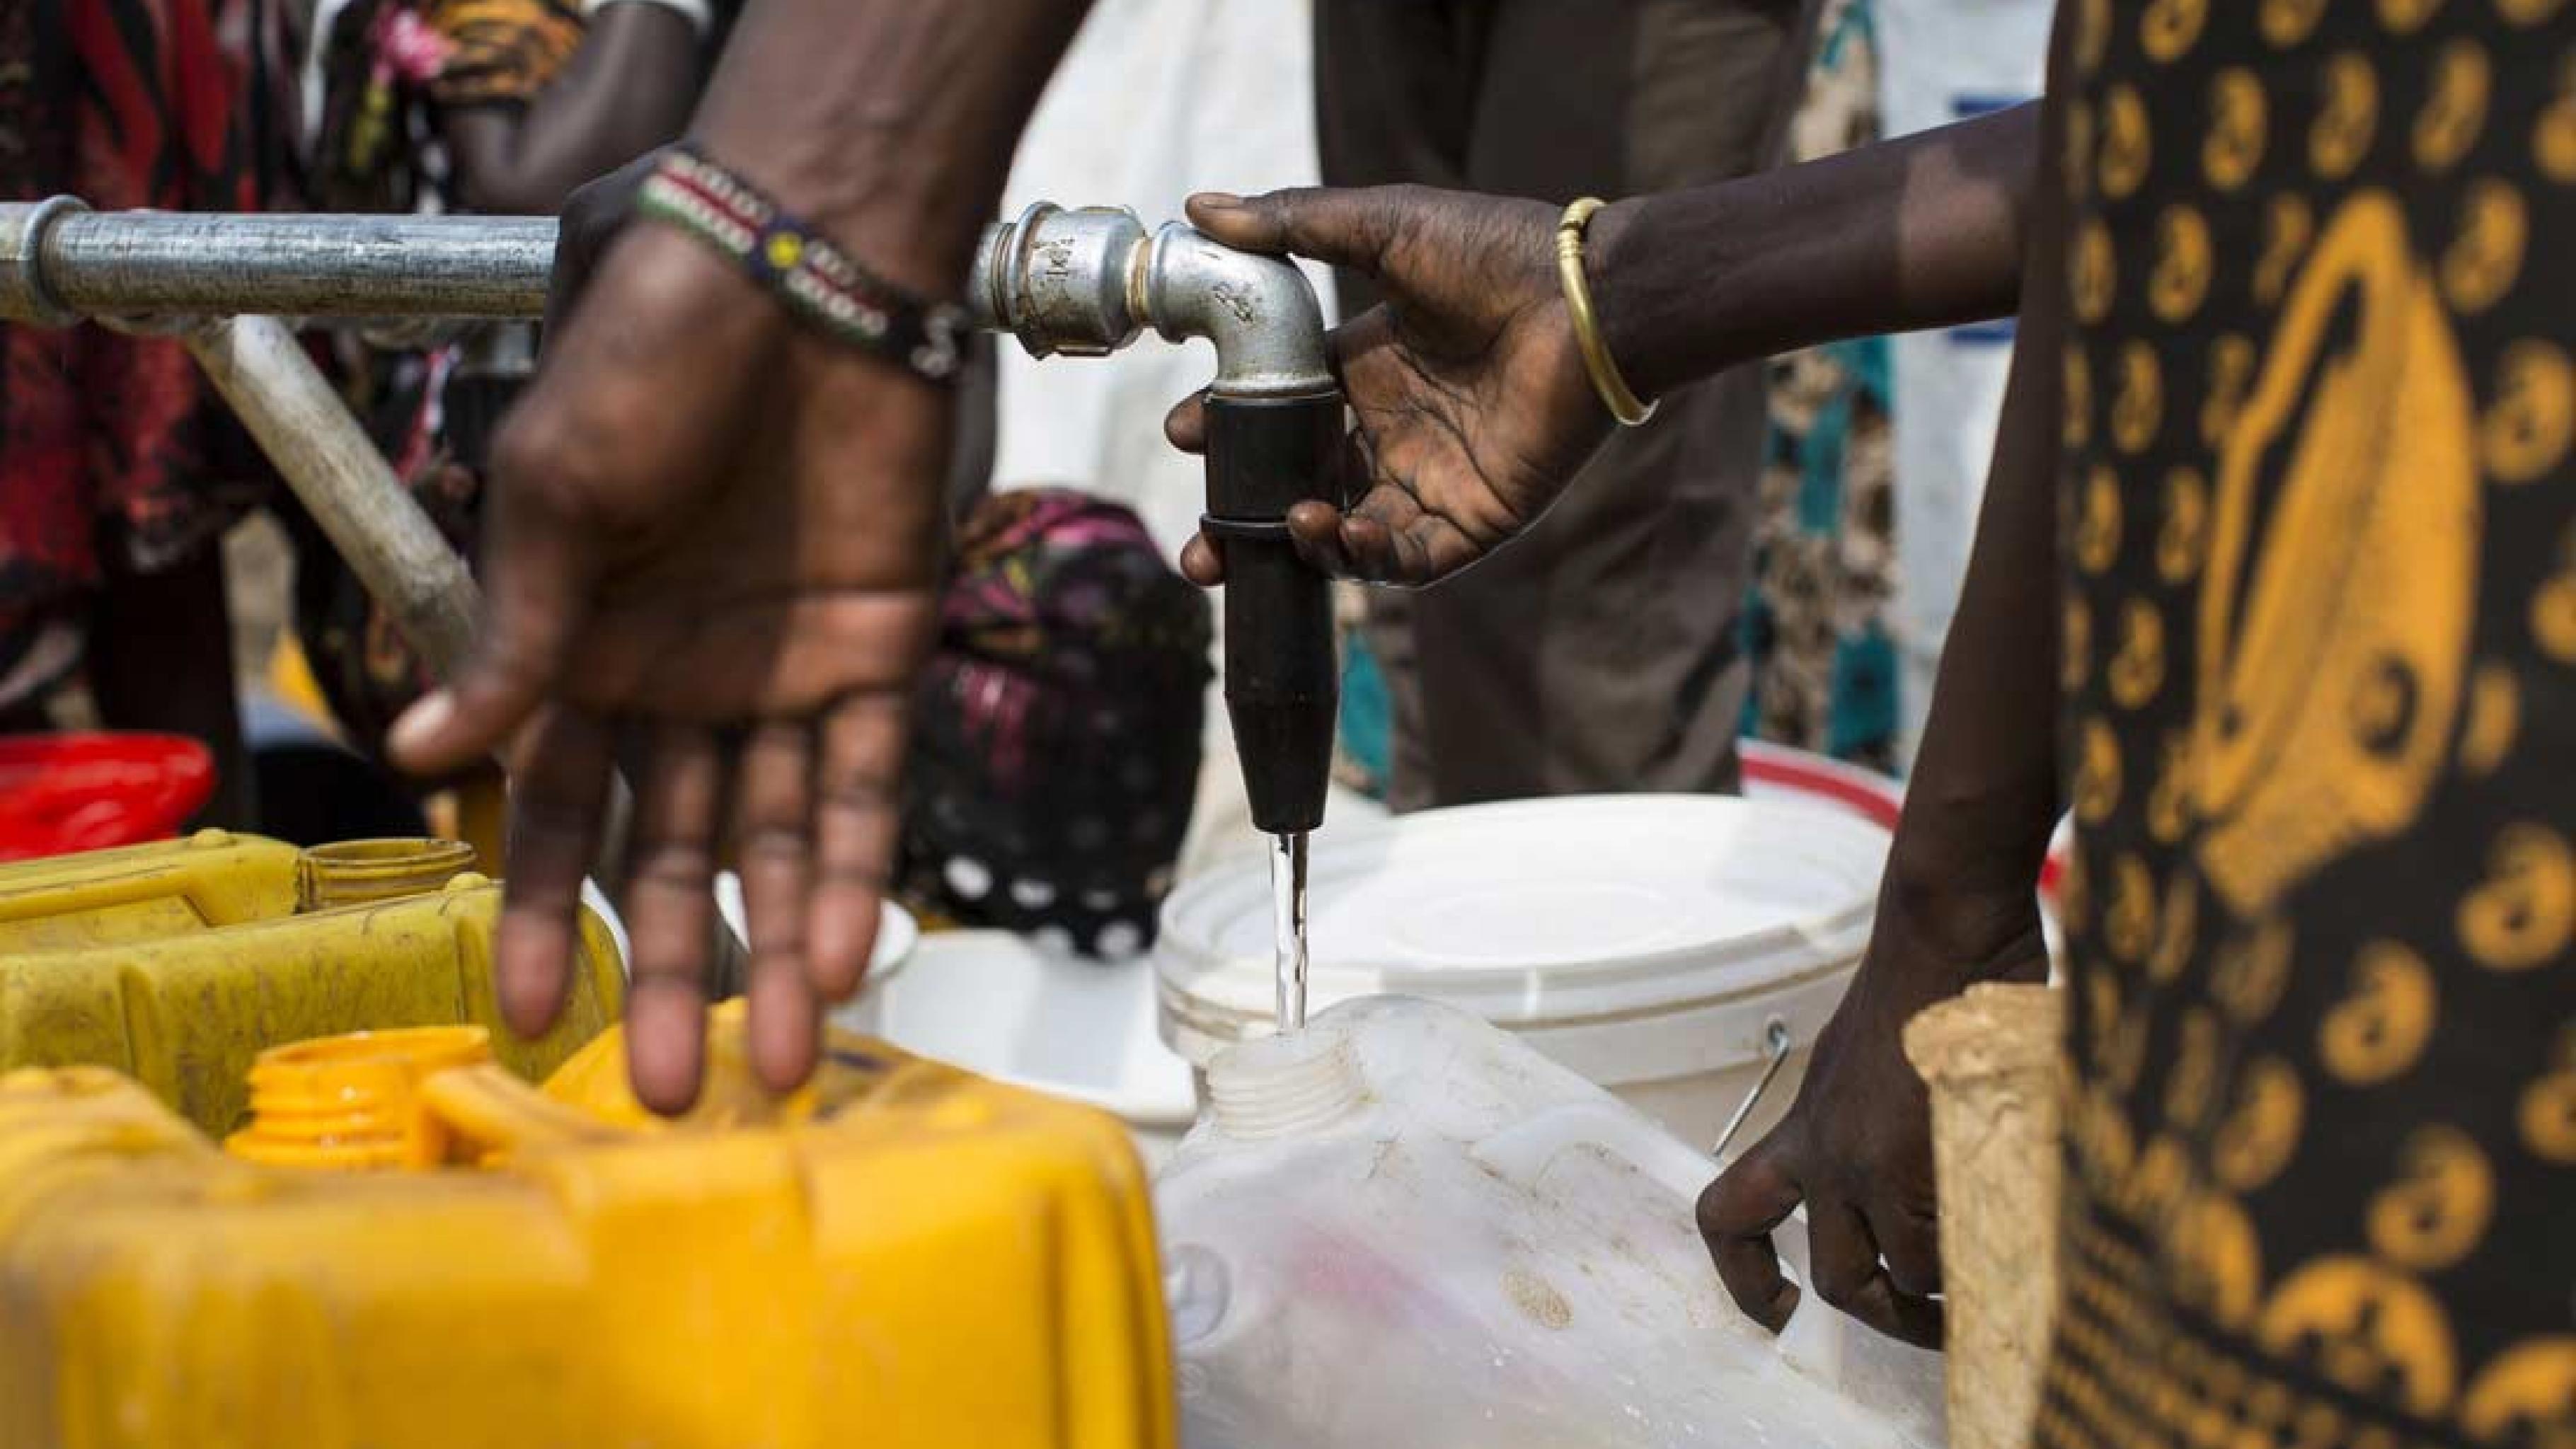 Oxfam versorgt die Menschen im Südsudan mit sauberem Wasser und Lebensmitteln.